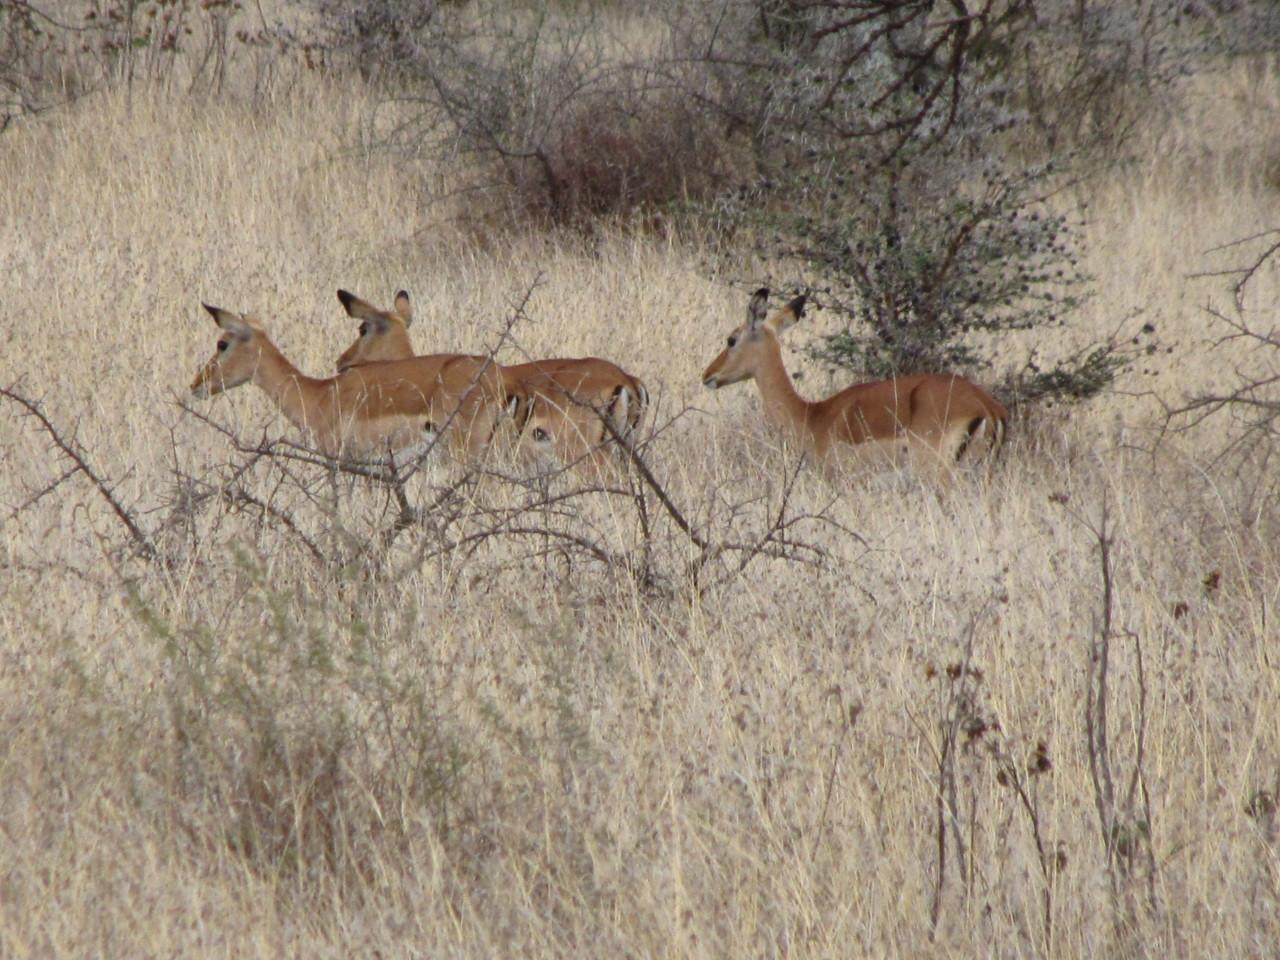 Several Female Impala